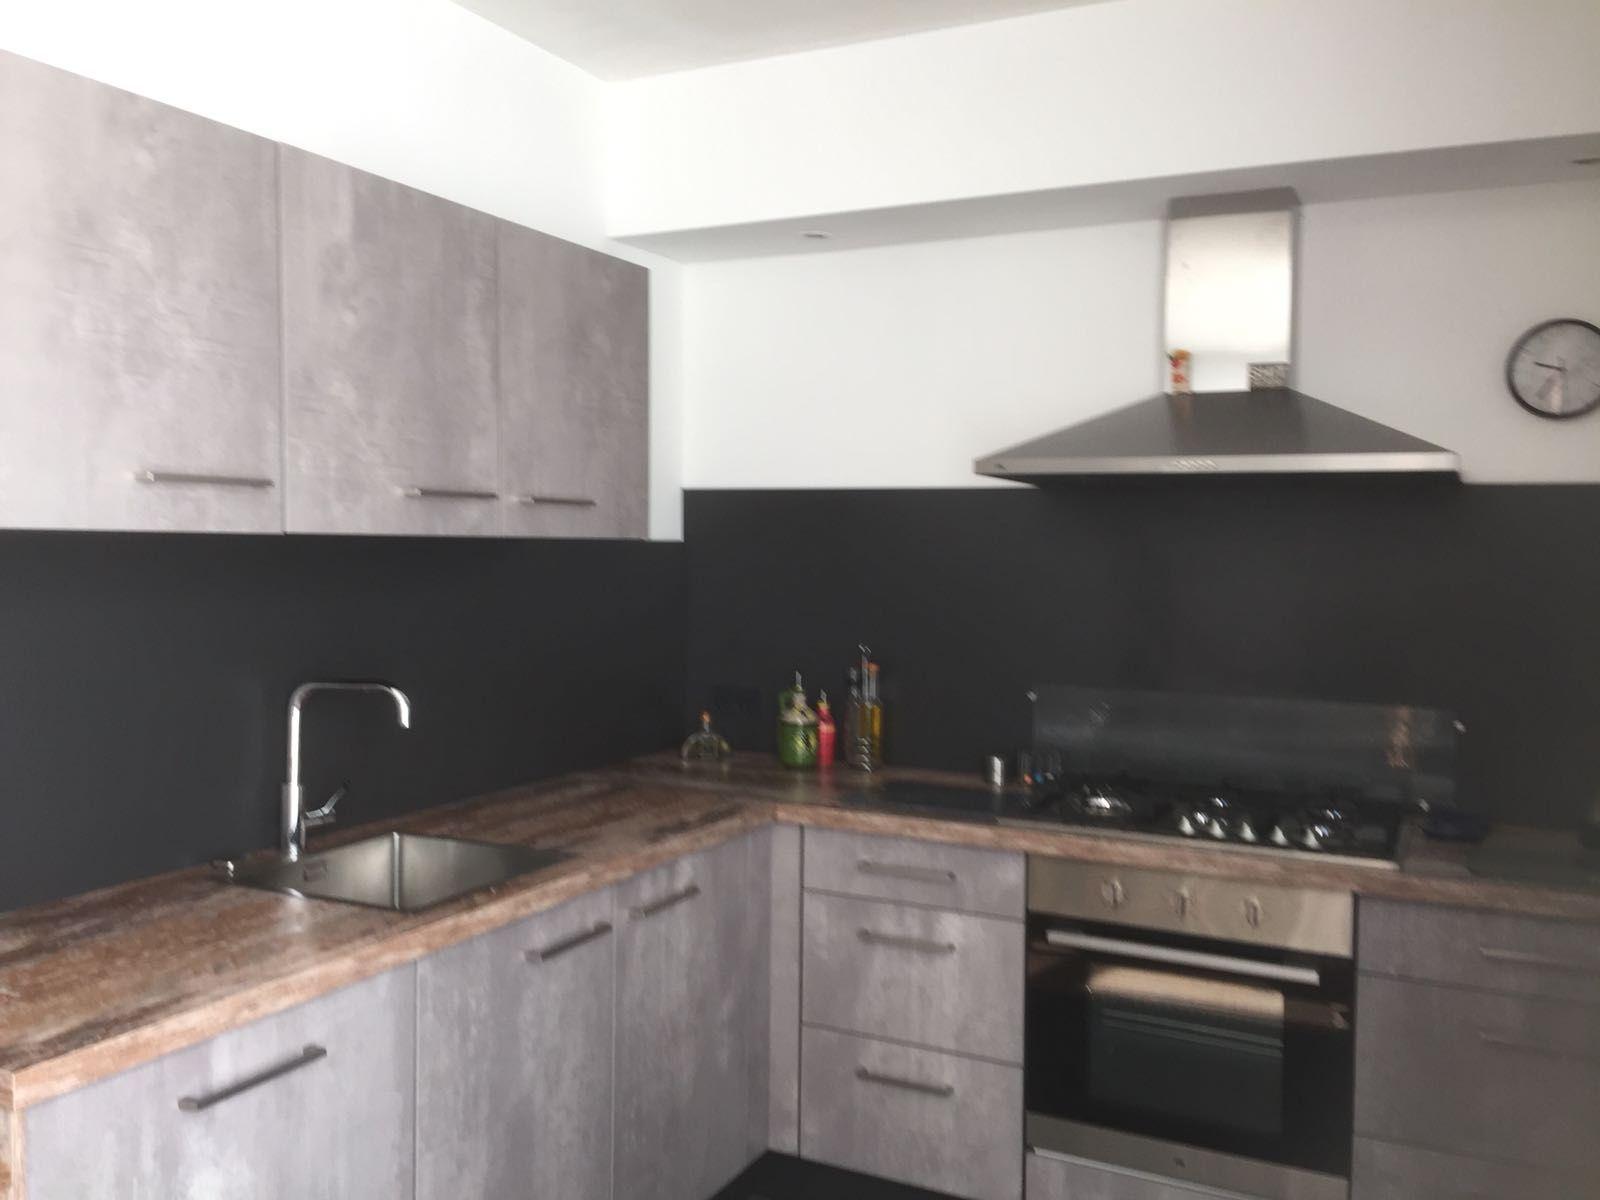 Betonlook keuken! #keuken #keukenssittard #sittard #keukenslimburg